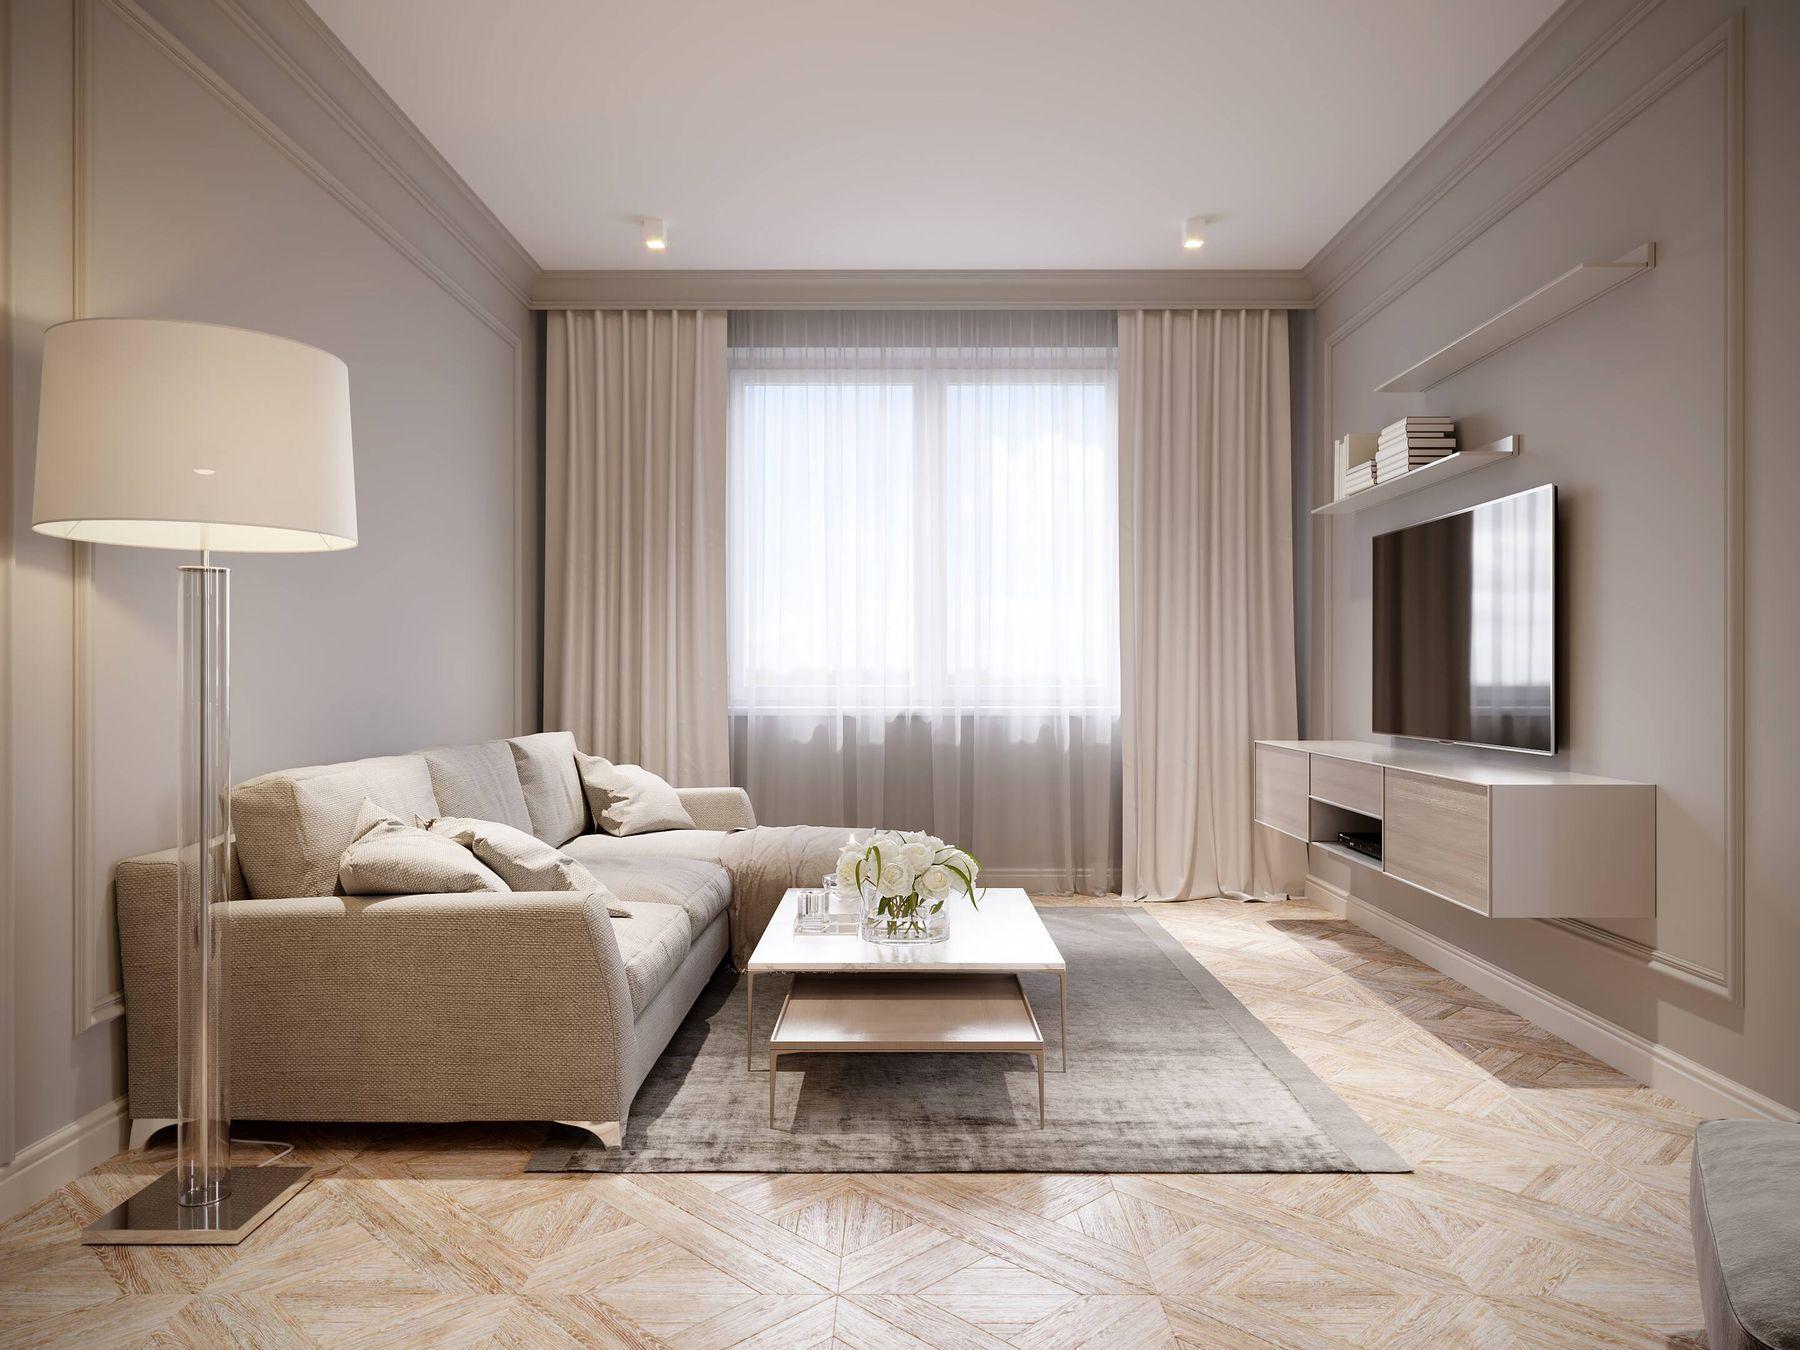 Thiết kế phòng khách nhà ống hiện đại